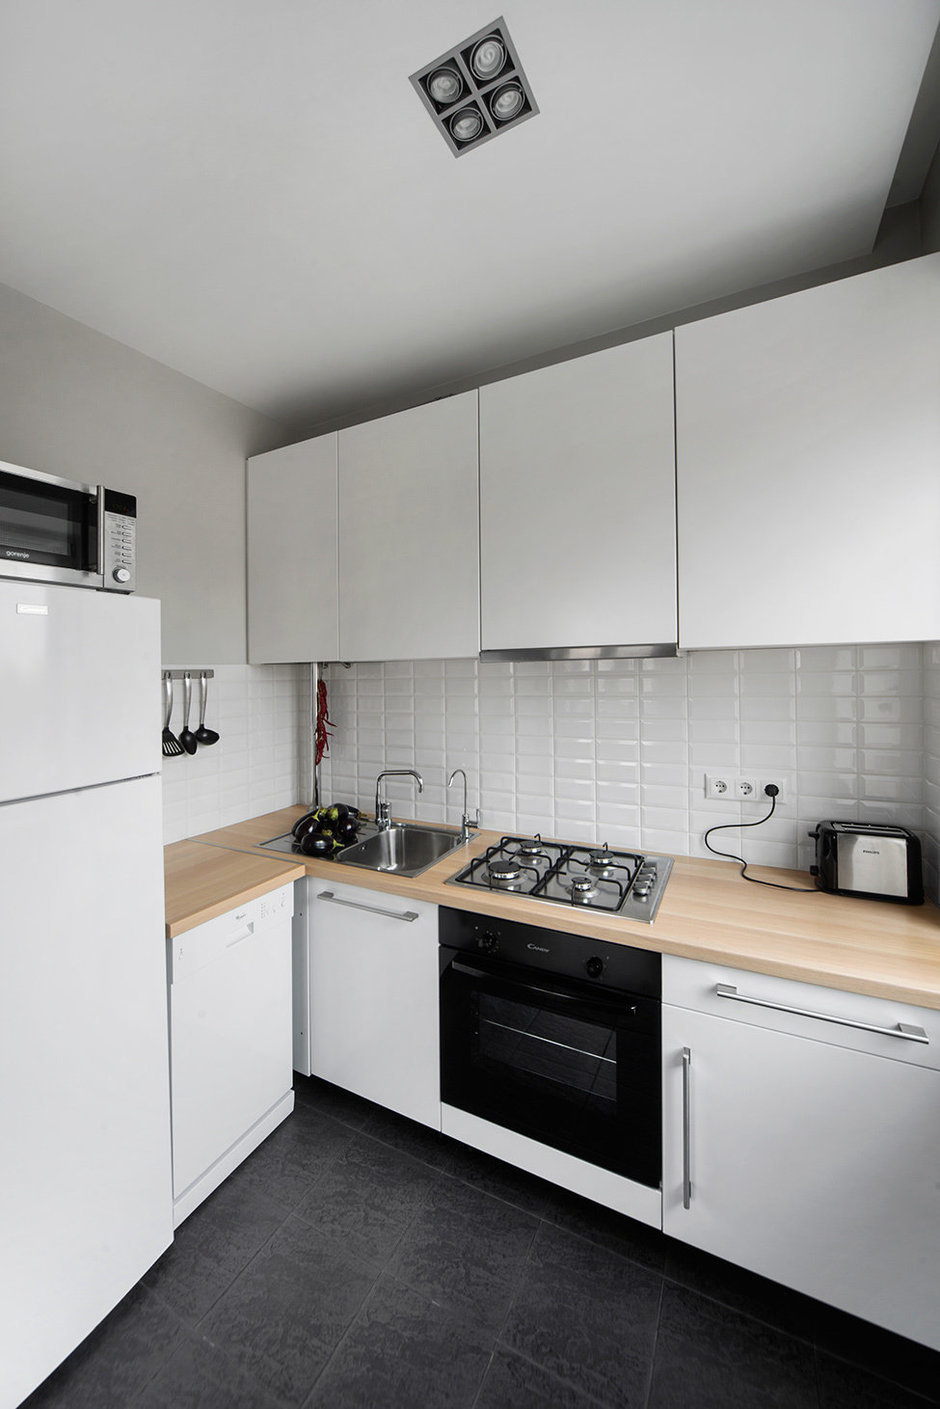 Фотография: Кухня и столовая в стиле Современный, Малогабаритная квартира, Квартира, Дома и квартиры, IKEA, Проект недели, Хрущевка – фото на InMyRoom.ru